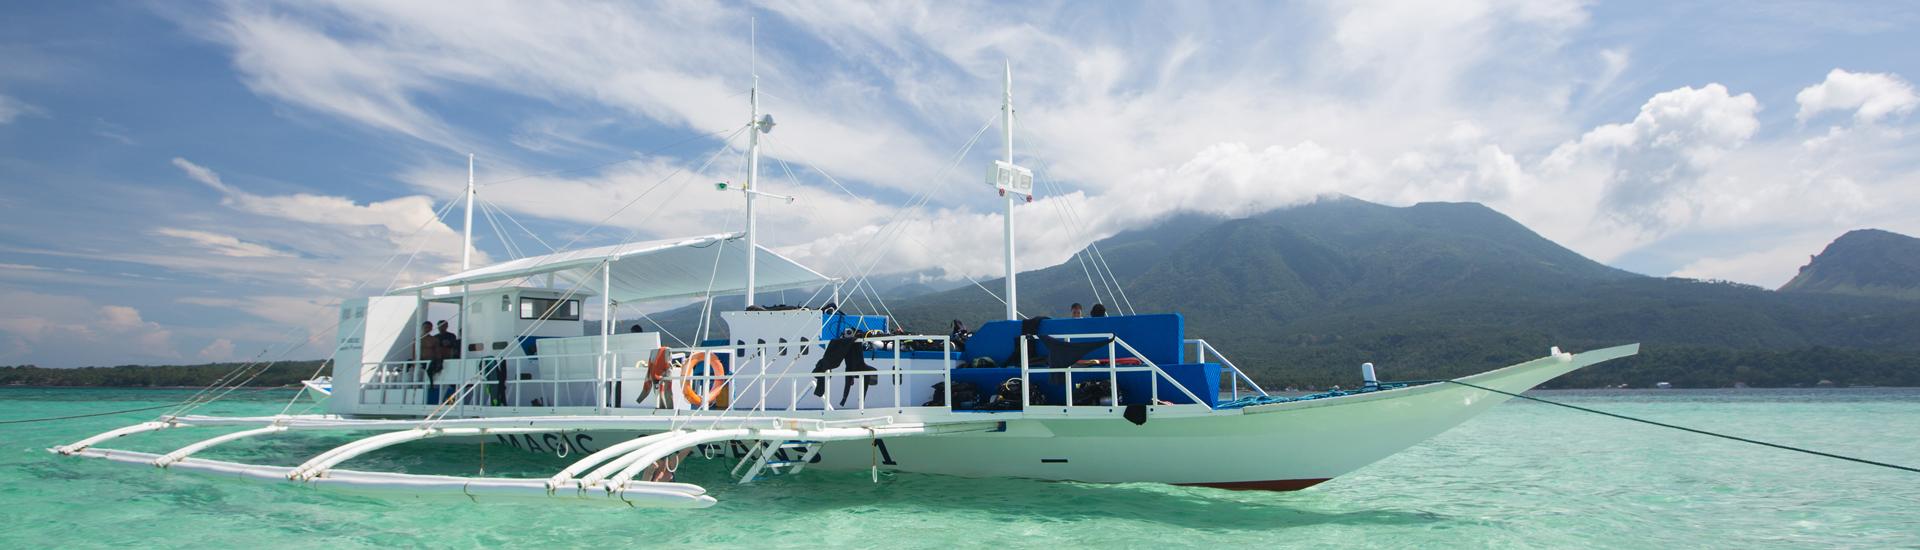 Video gallery magic oceans resort - Magic oceans dive resort ...